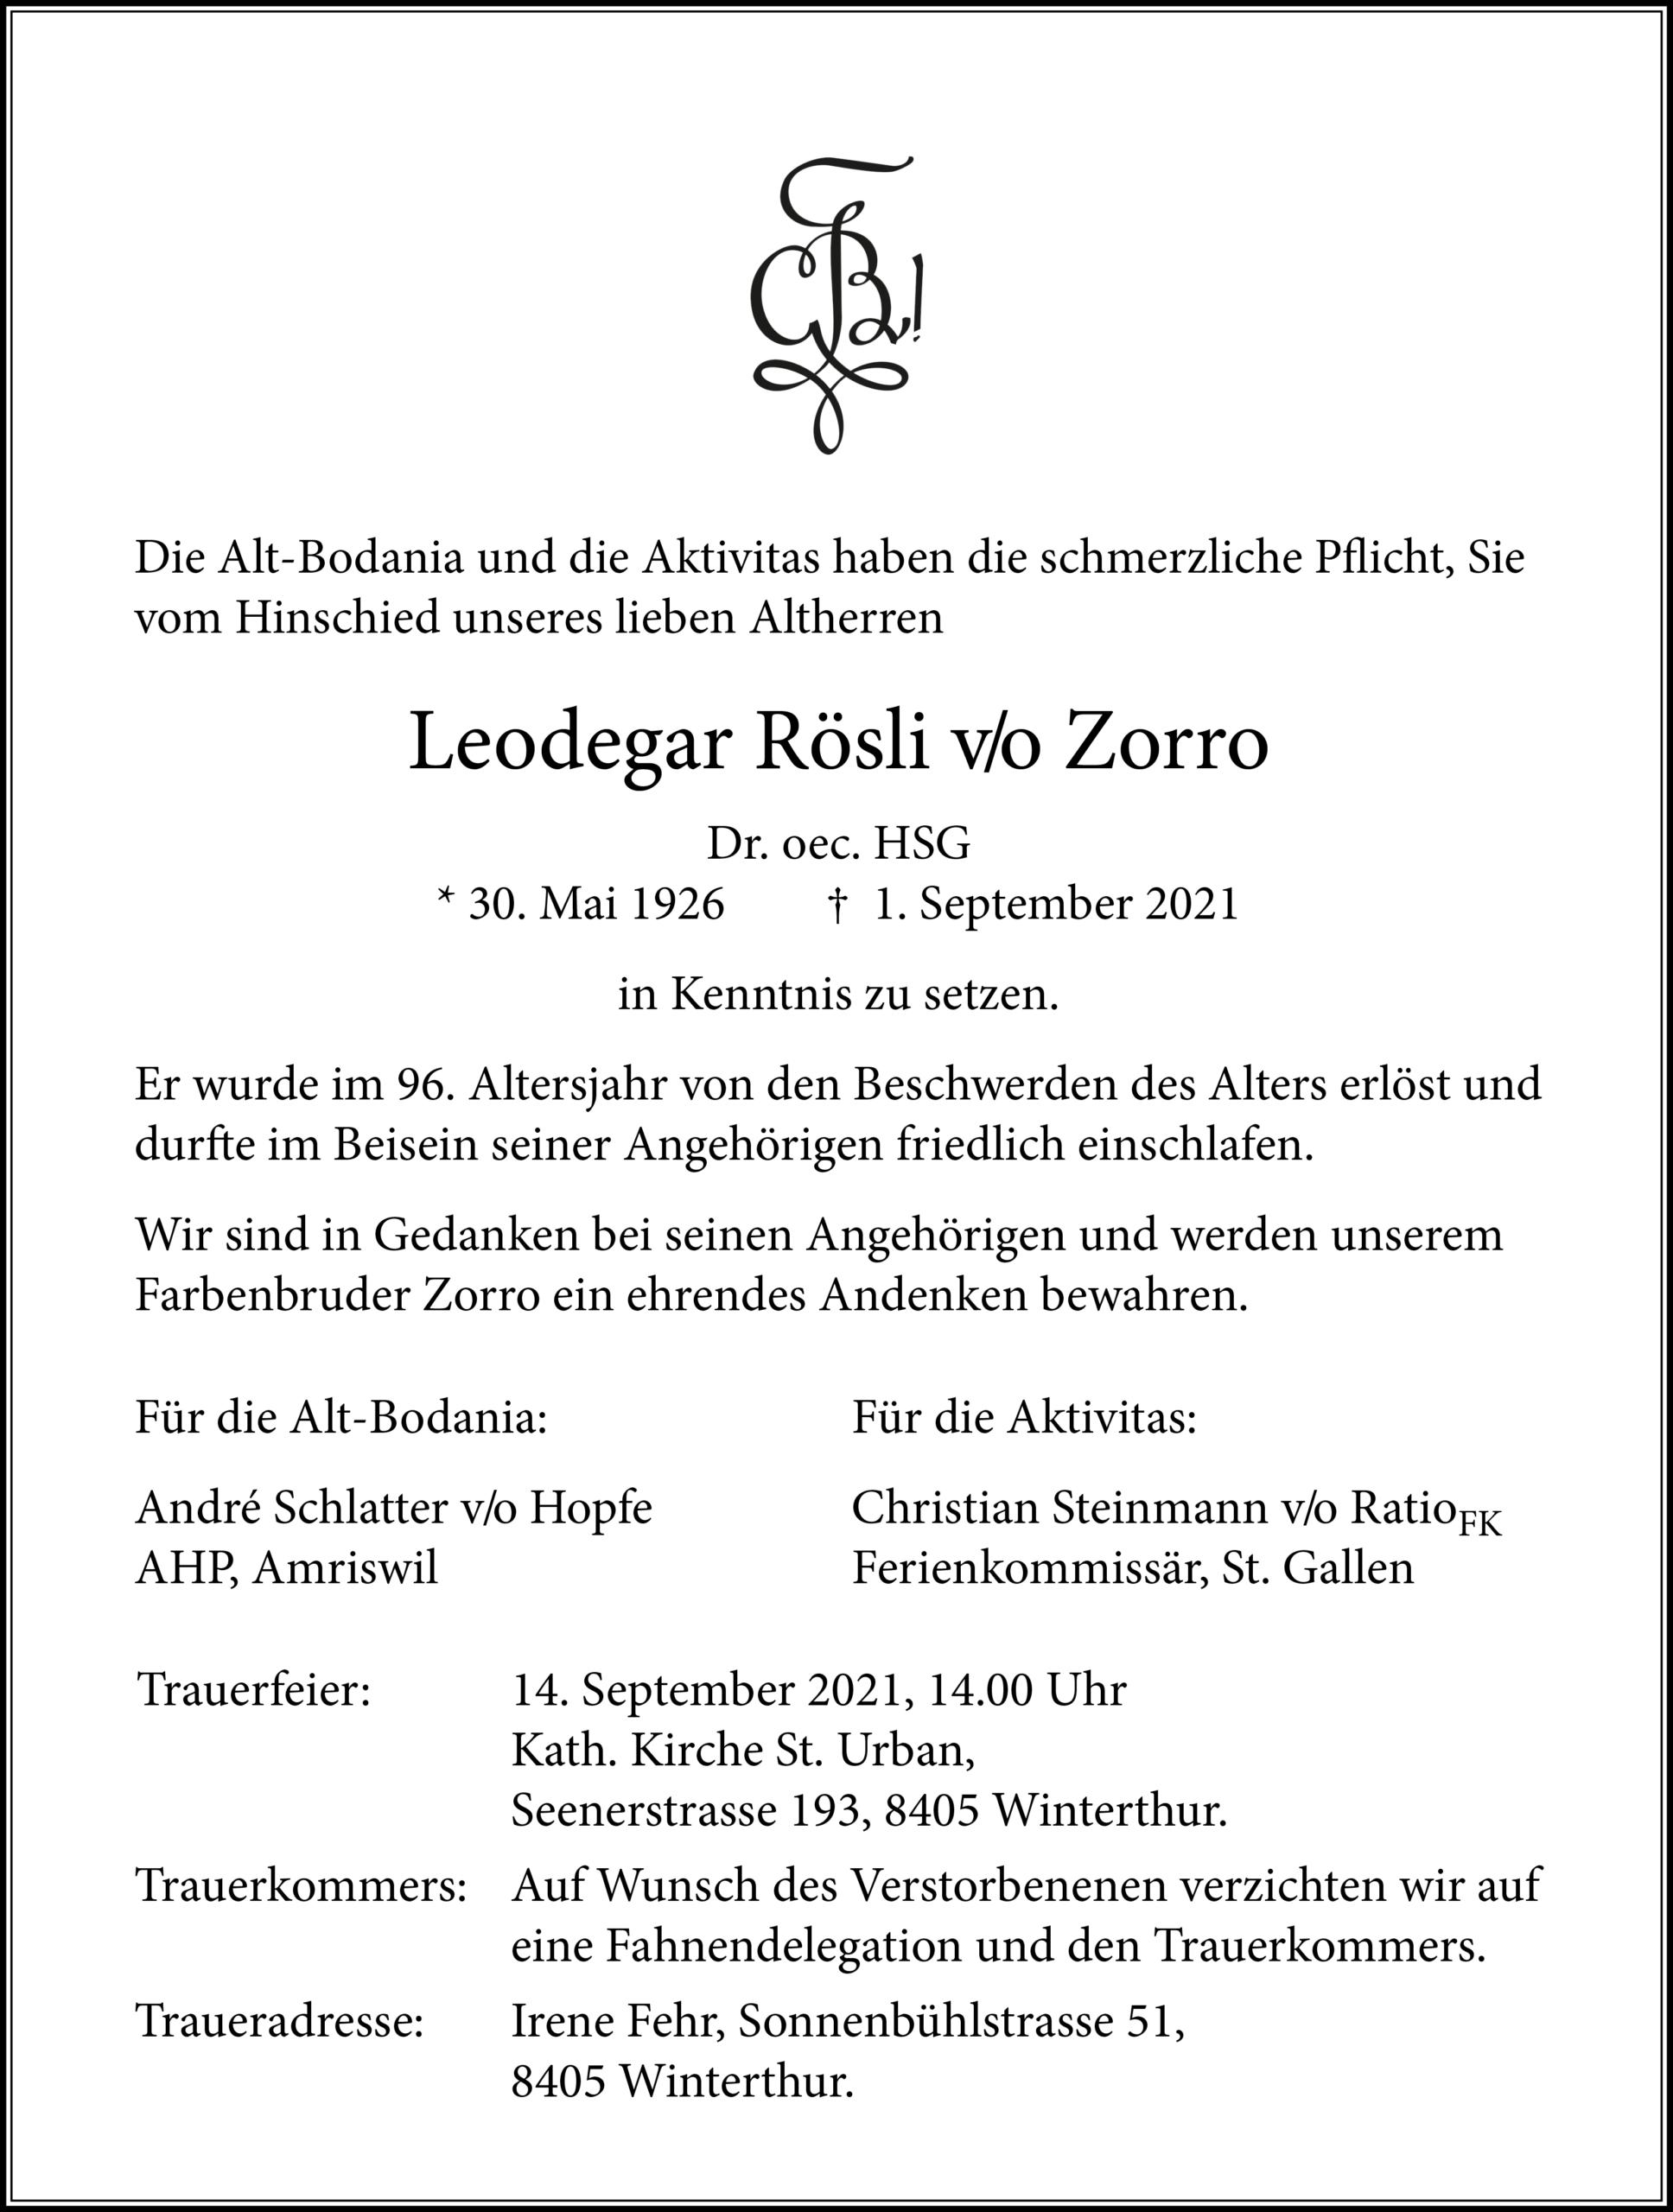 Leodegar Rösli v/o Zorro †